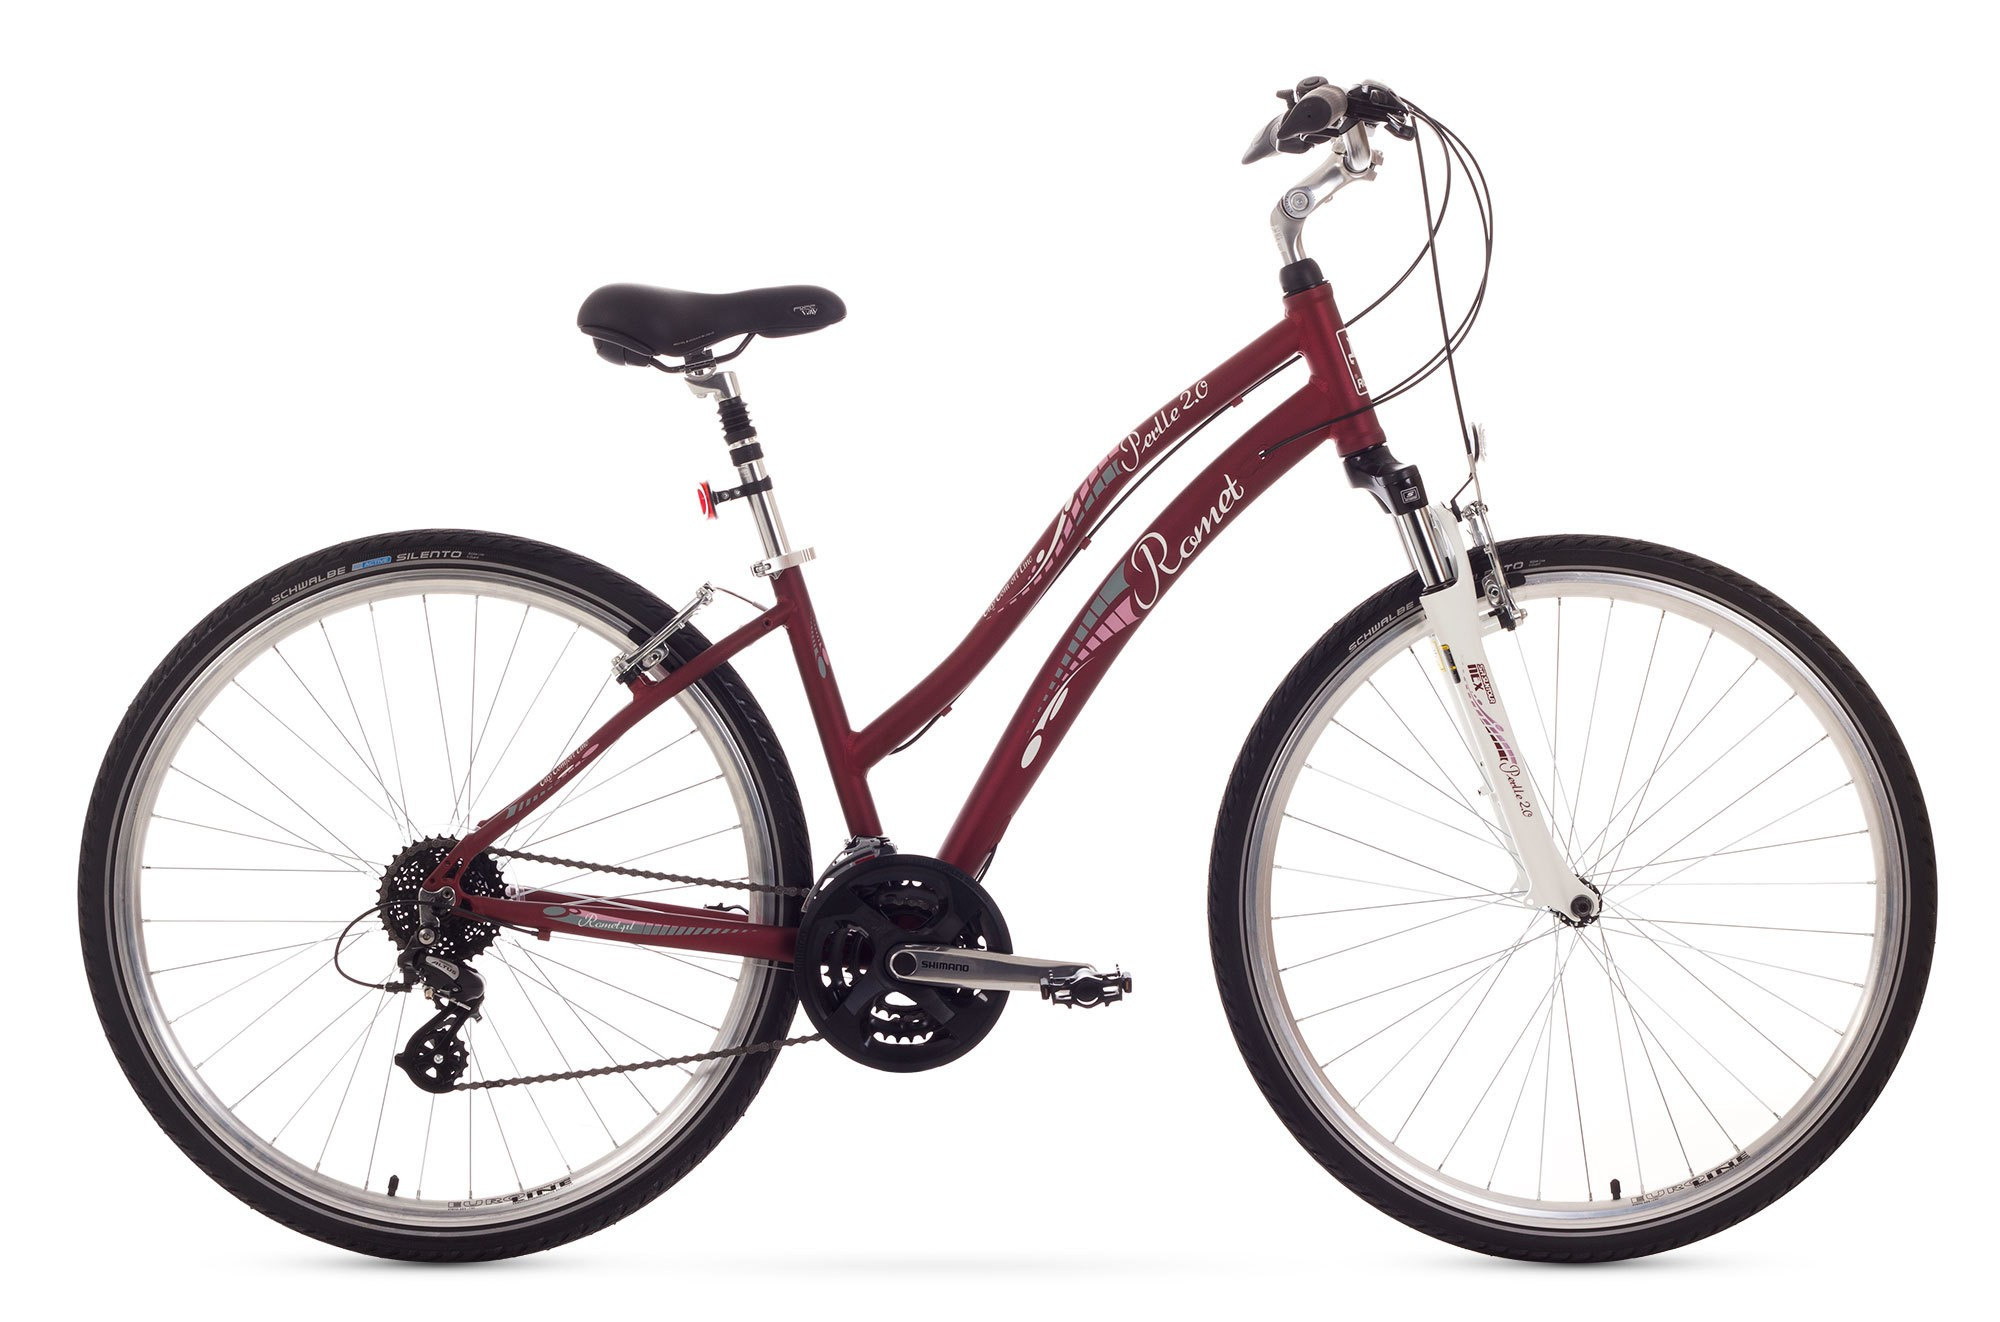 Bicicleta de oras Romet Perlle 2.0 - maro